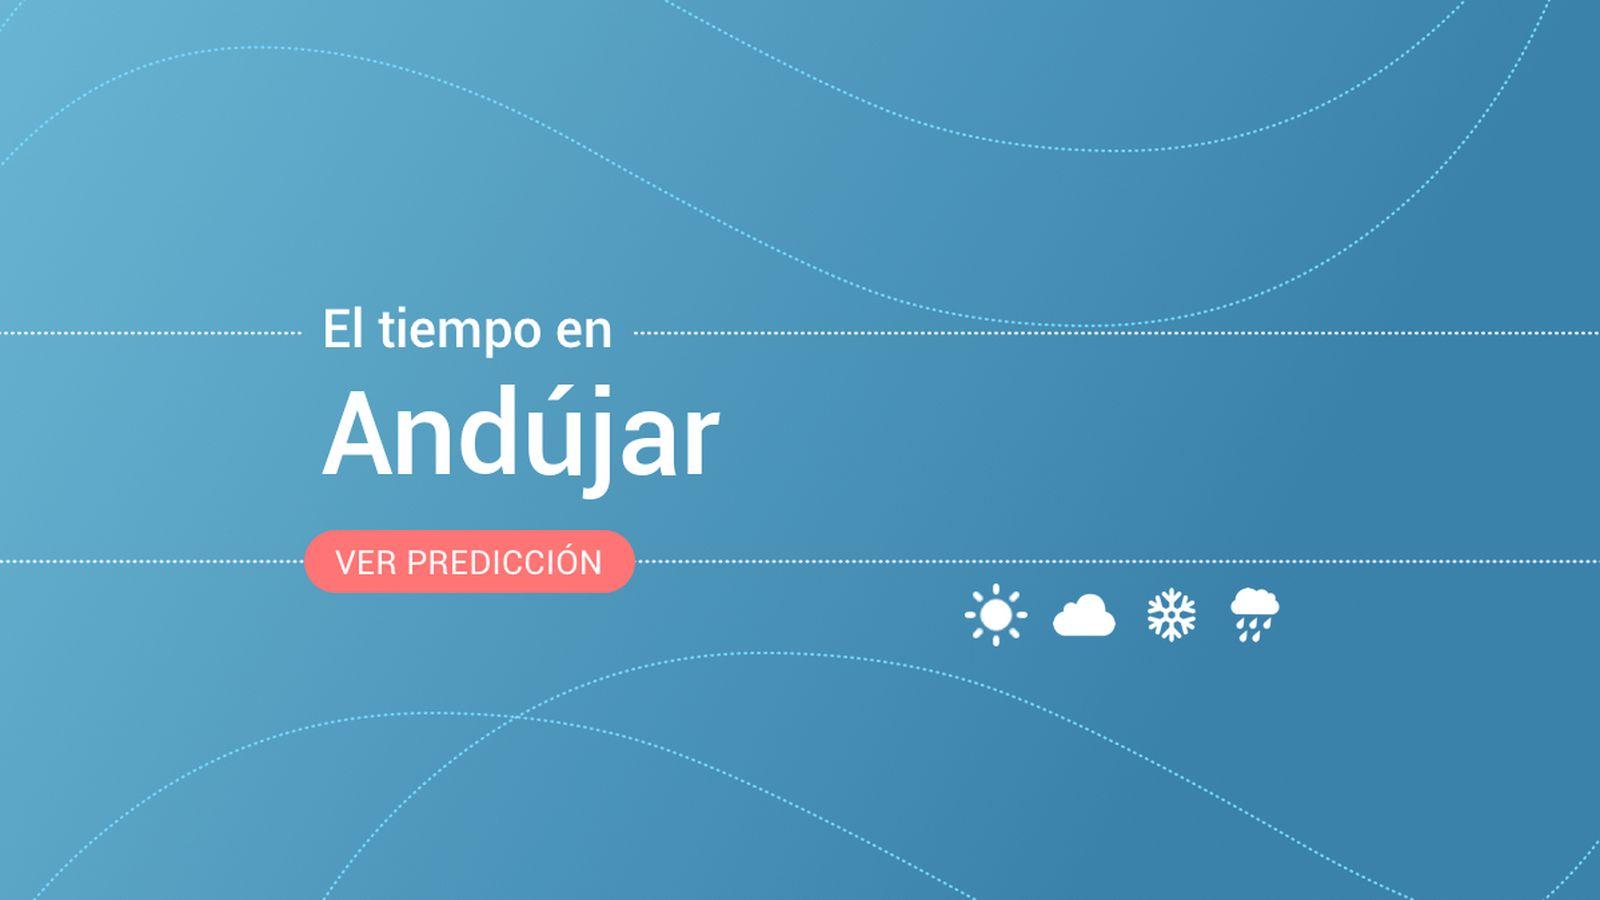 Foto: El tiempo en Andújar. (EC)